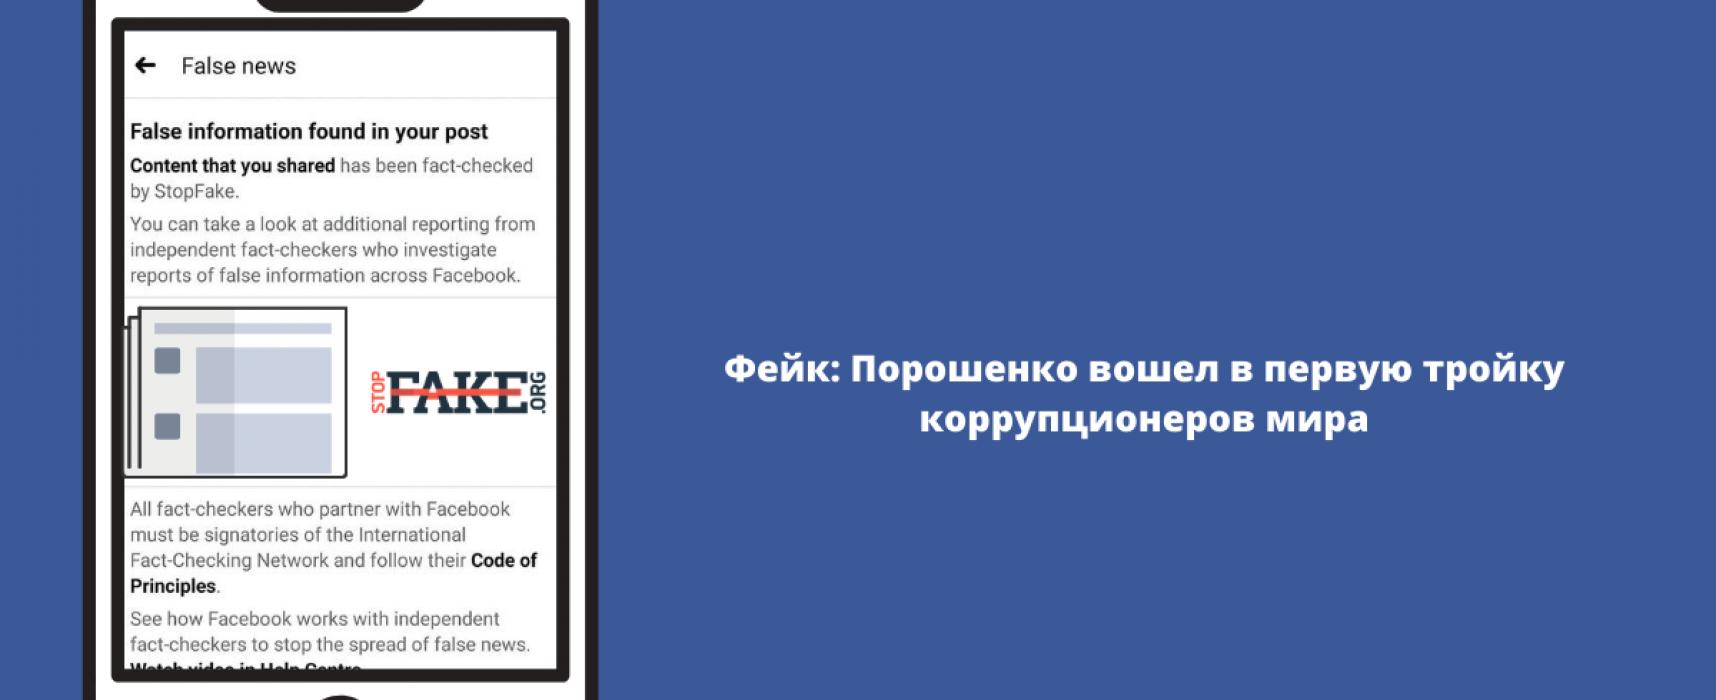 Фейк: Порошенко увійшов до першої трійки корупціонерів світу